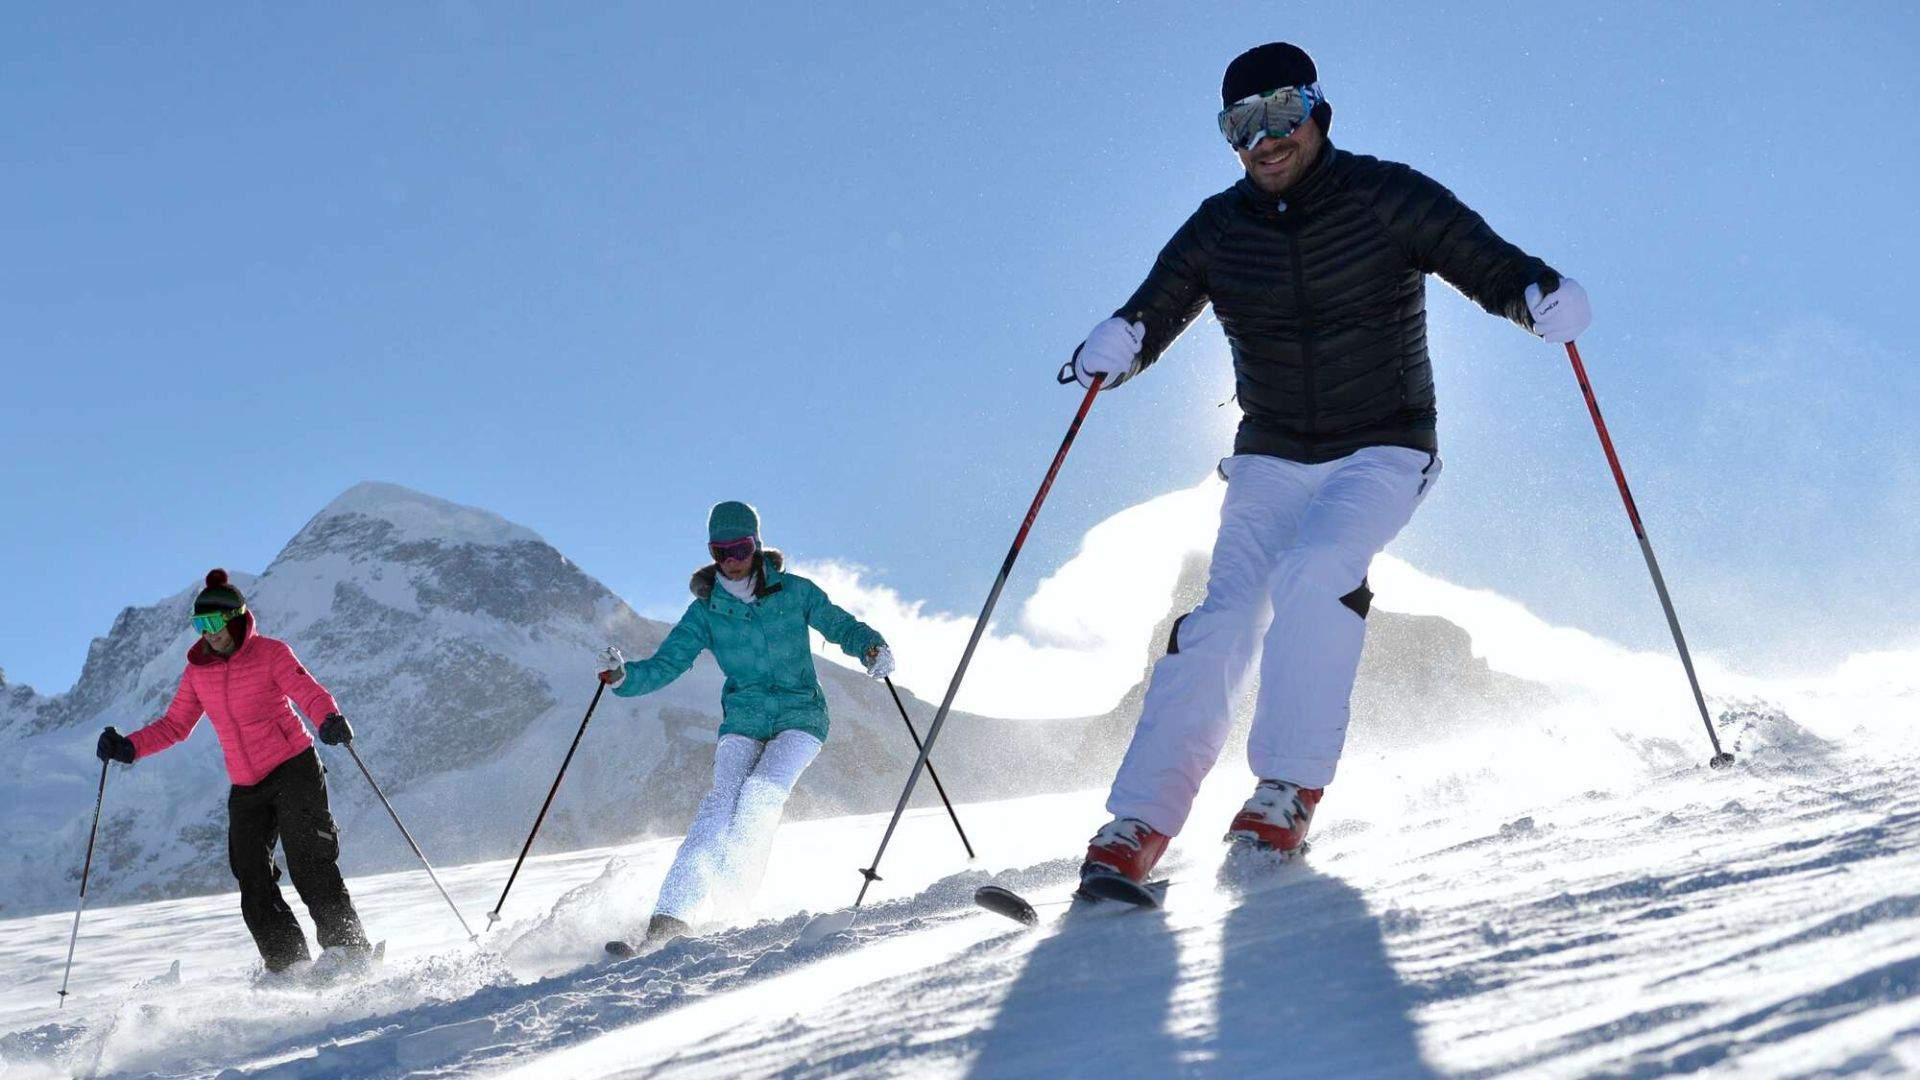 Červinija — vienas didžiausių slidinėjimo kurortų Alpėse